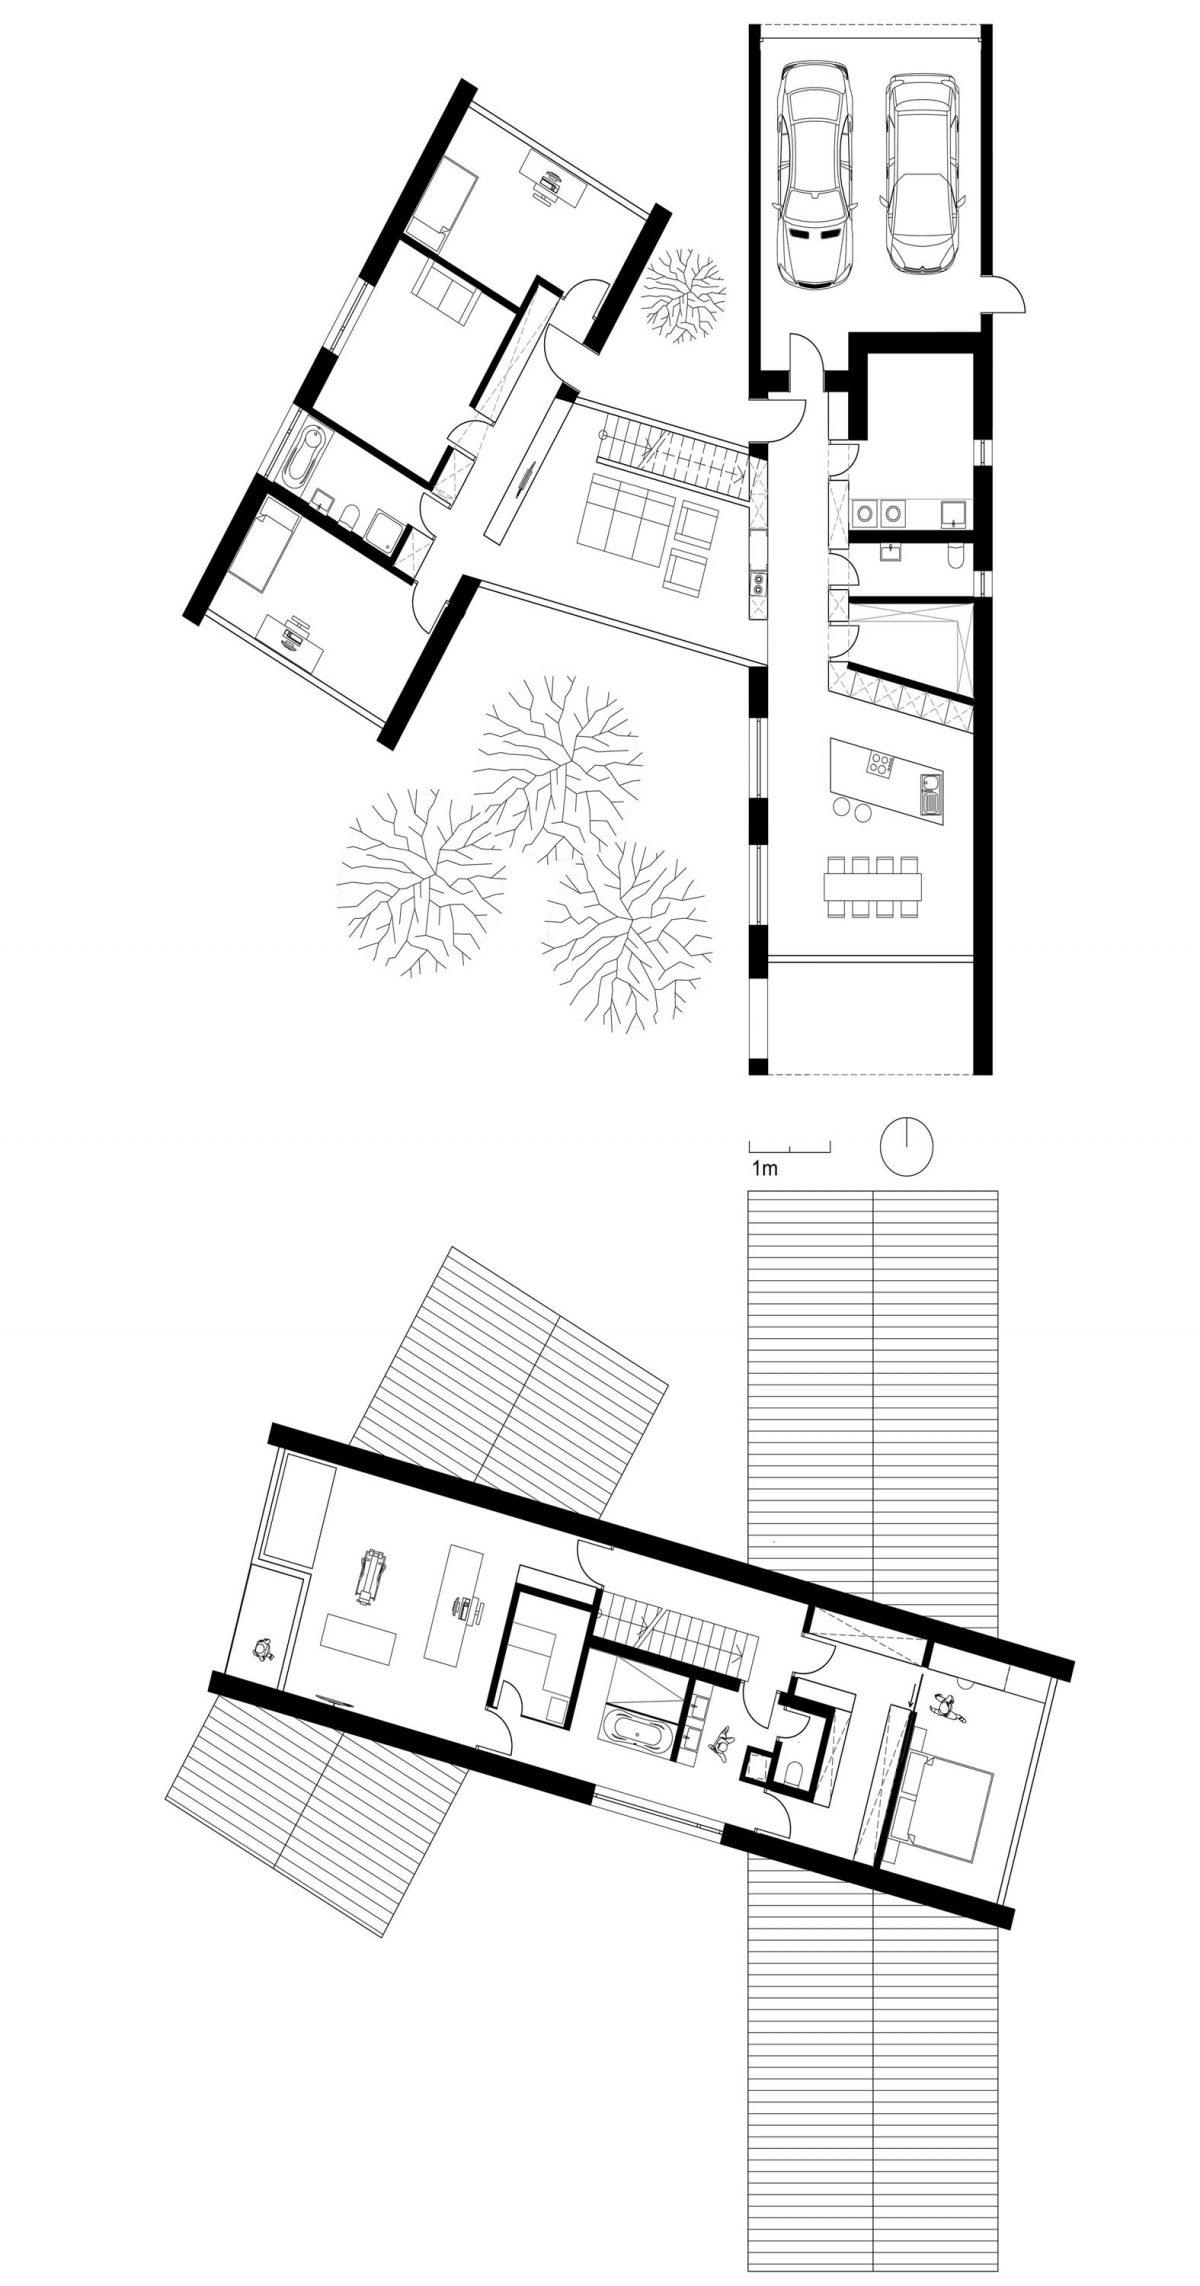 Die gestapelten Grundrisse des Erd- und Obergeschosses der riegelartigen Gebäudeteile vom Einfamilienhaus